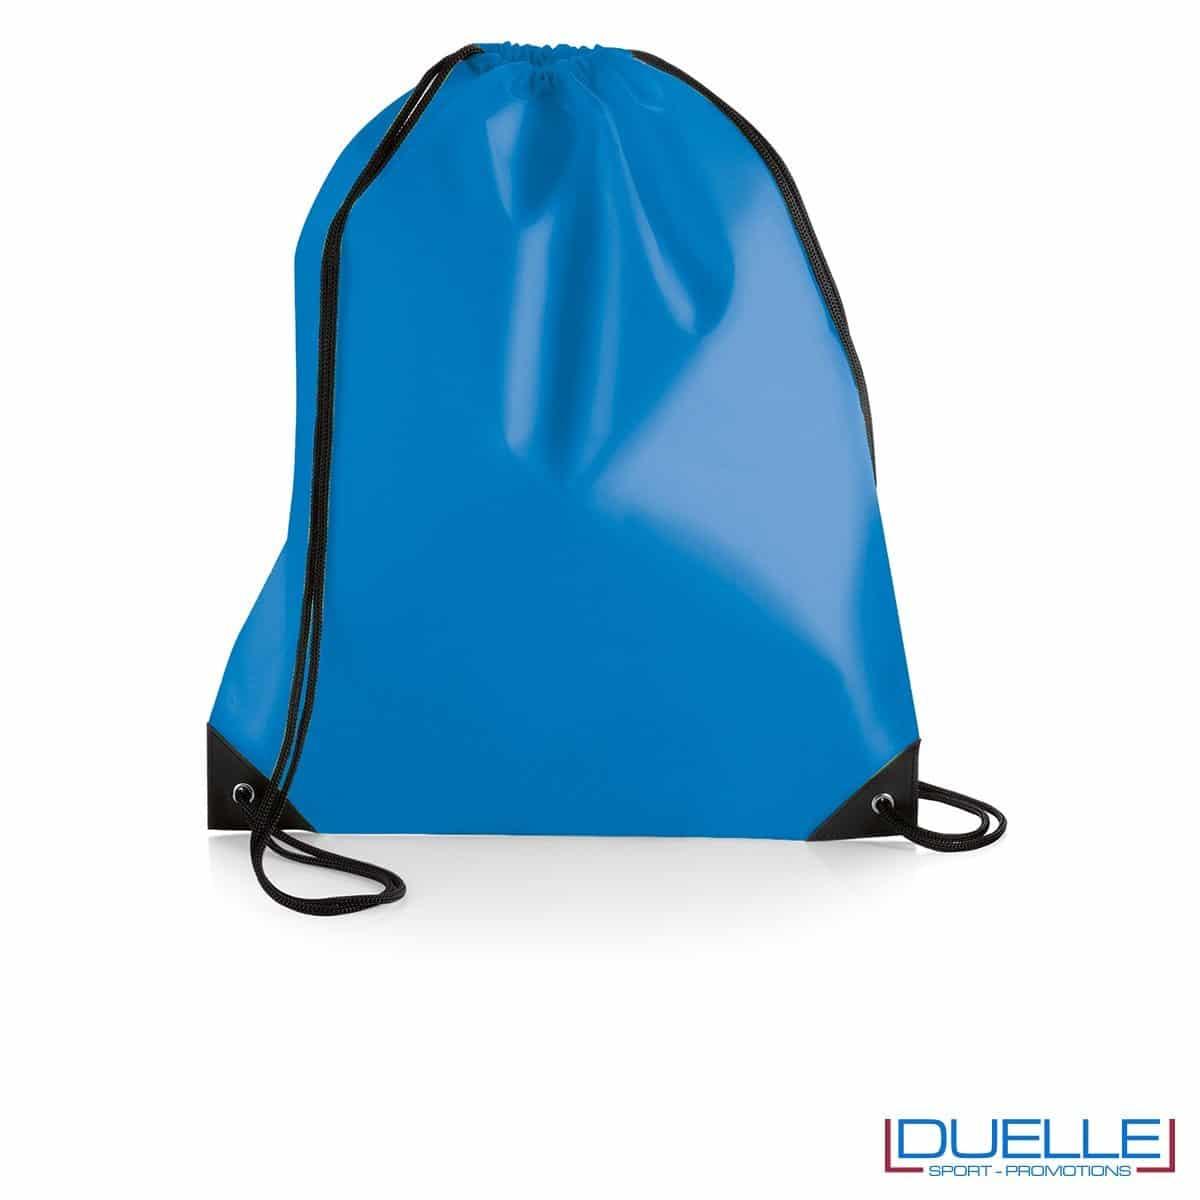 zainetto sportivo personalizzato in nylon colore azzurro con rinforzi, gadget sportivi personalizzati